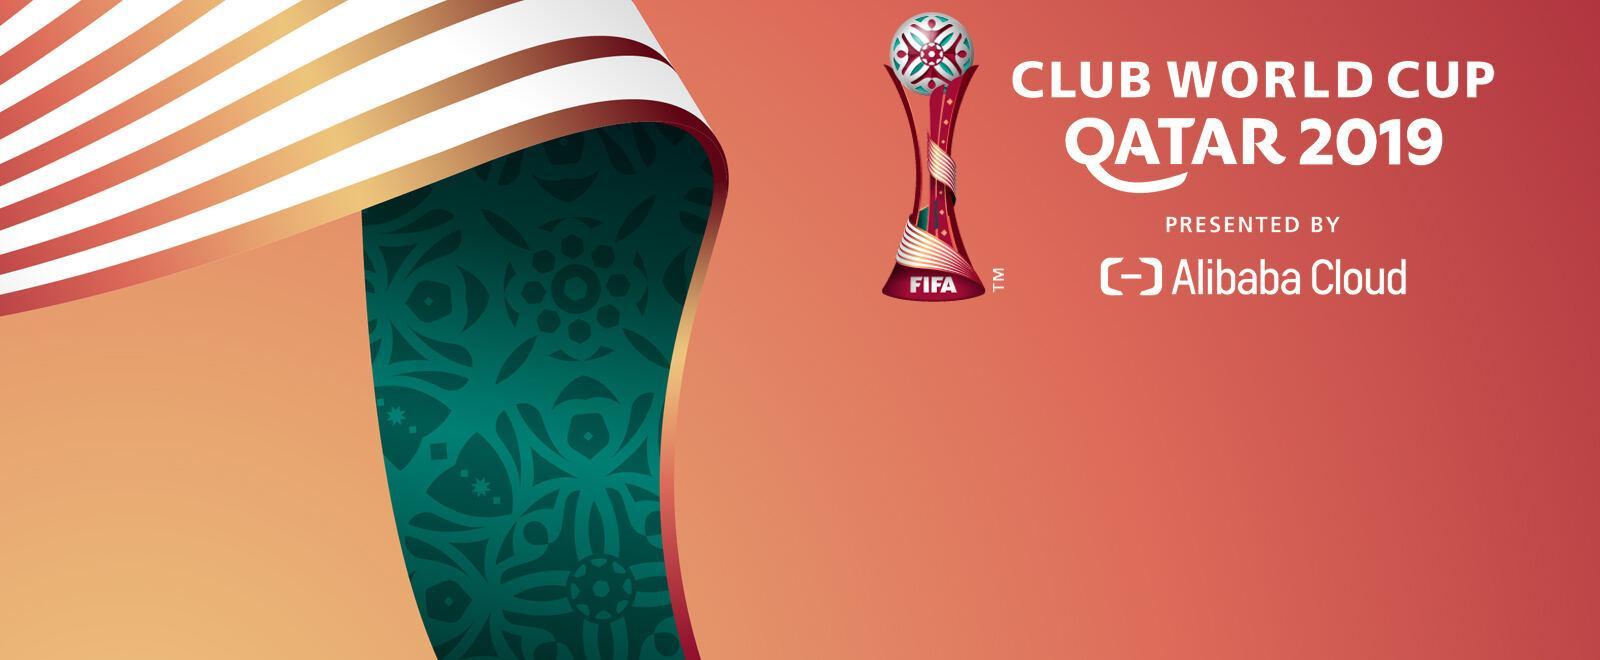 Mondiale per club 2019